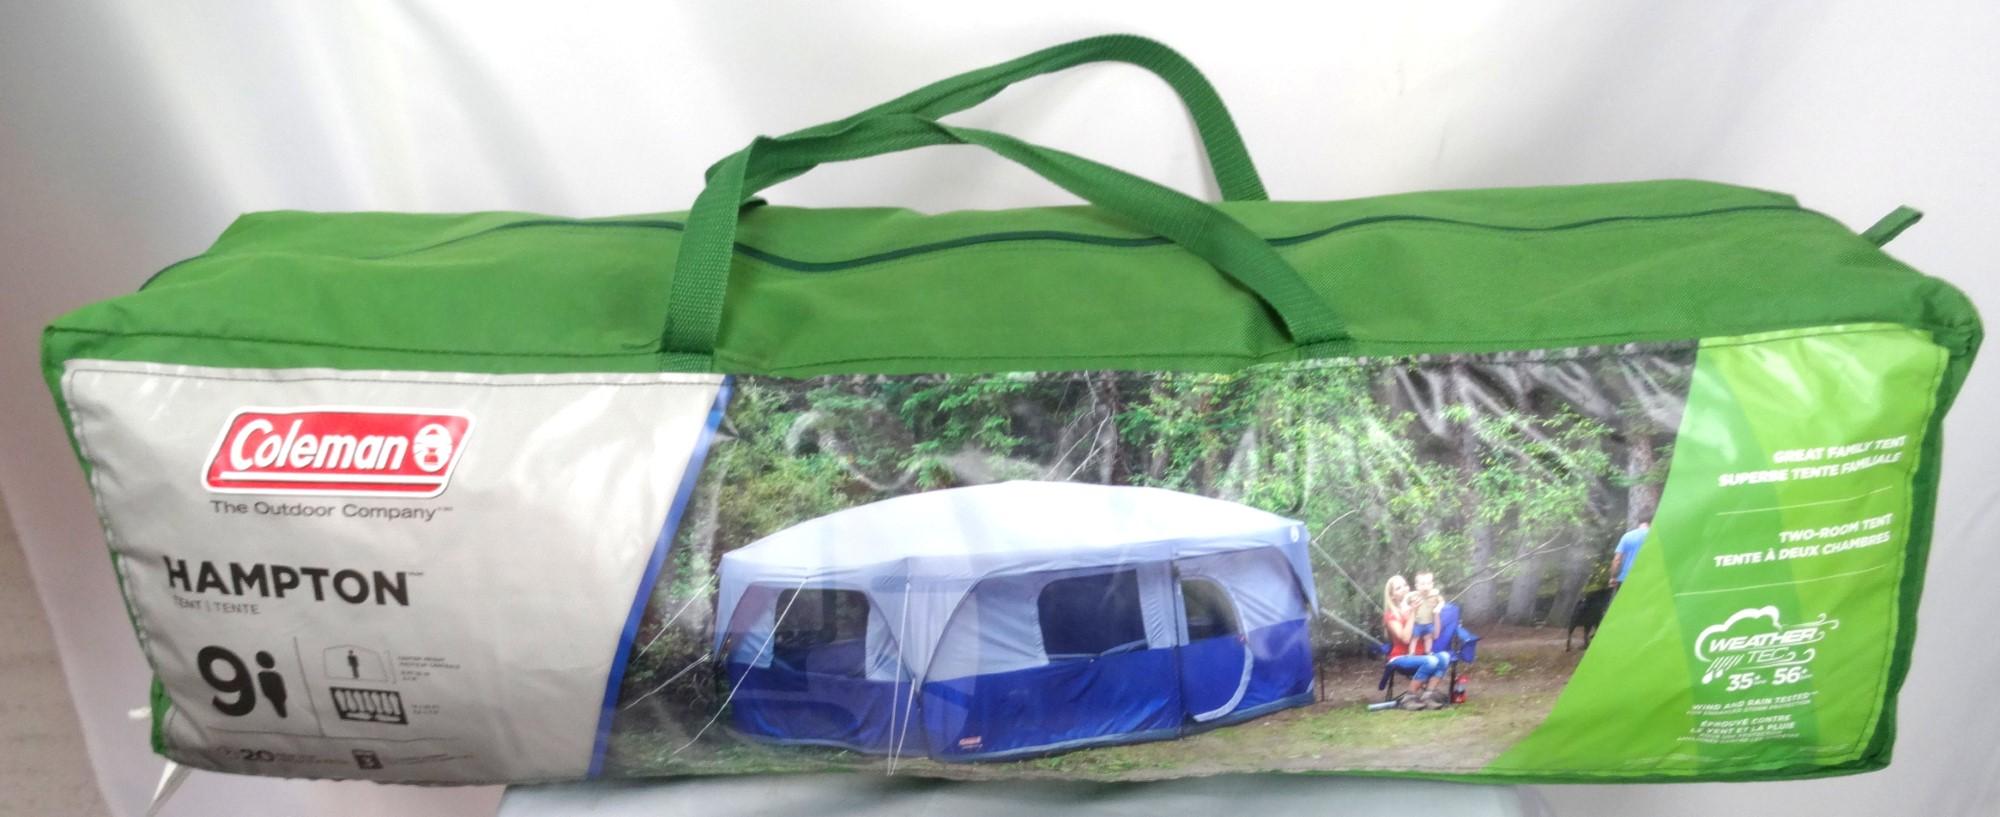 Tent. Coleman H&ton Dome 9-man ...  sc 1 st  Cash Converters & Coleman Hampton Dome 9-man Tent BLUE